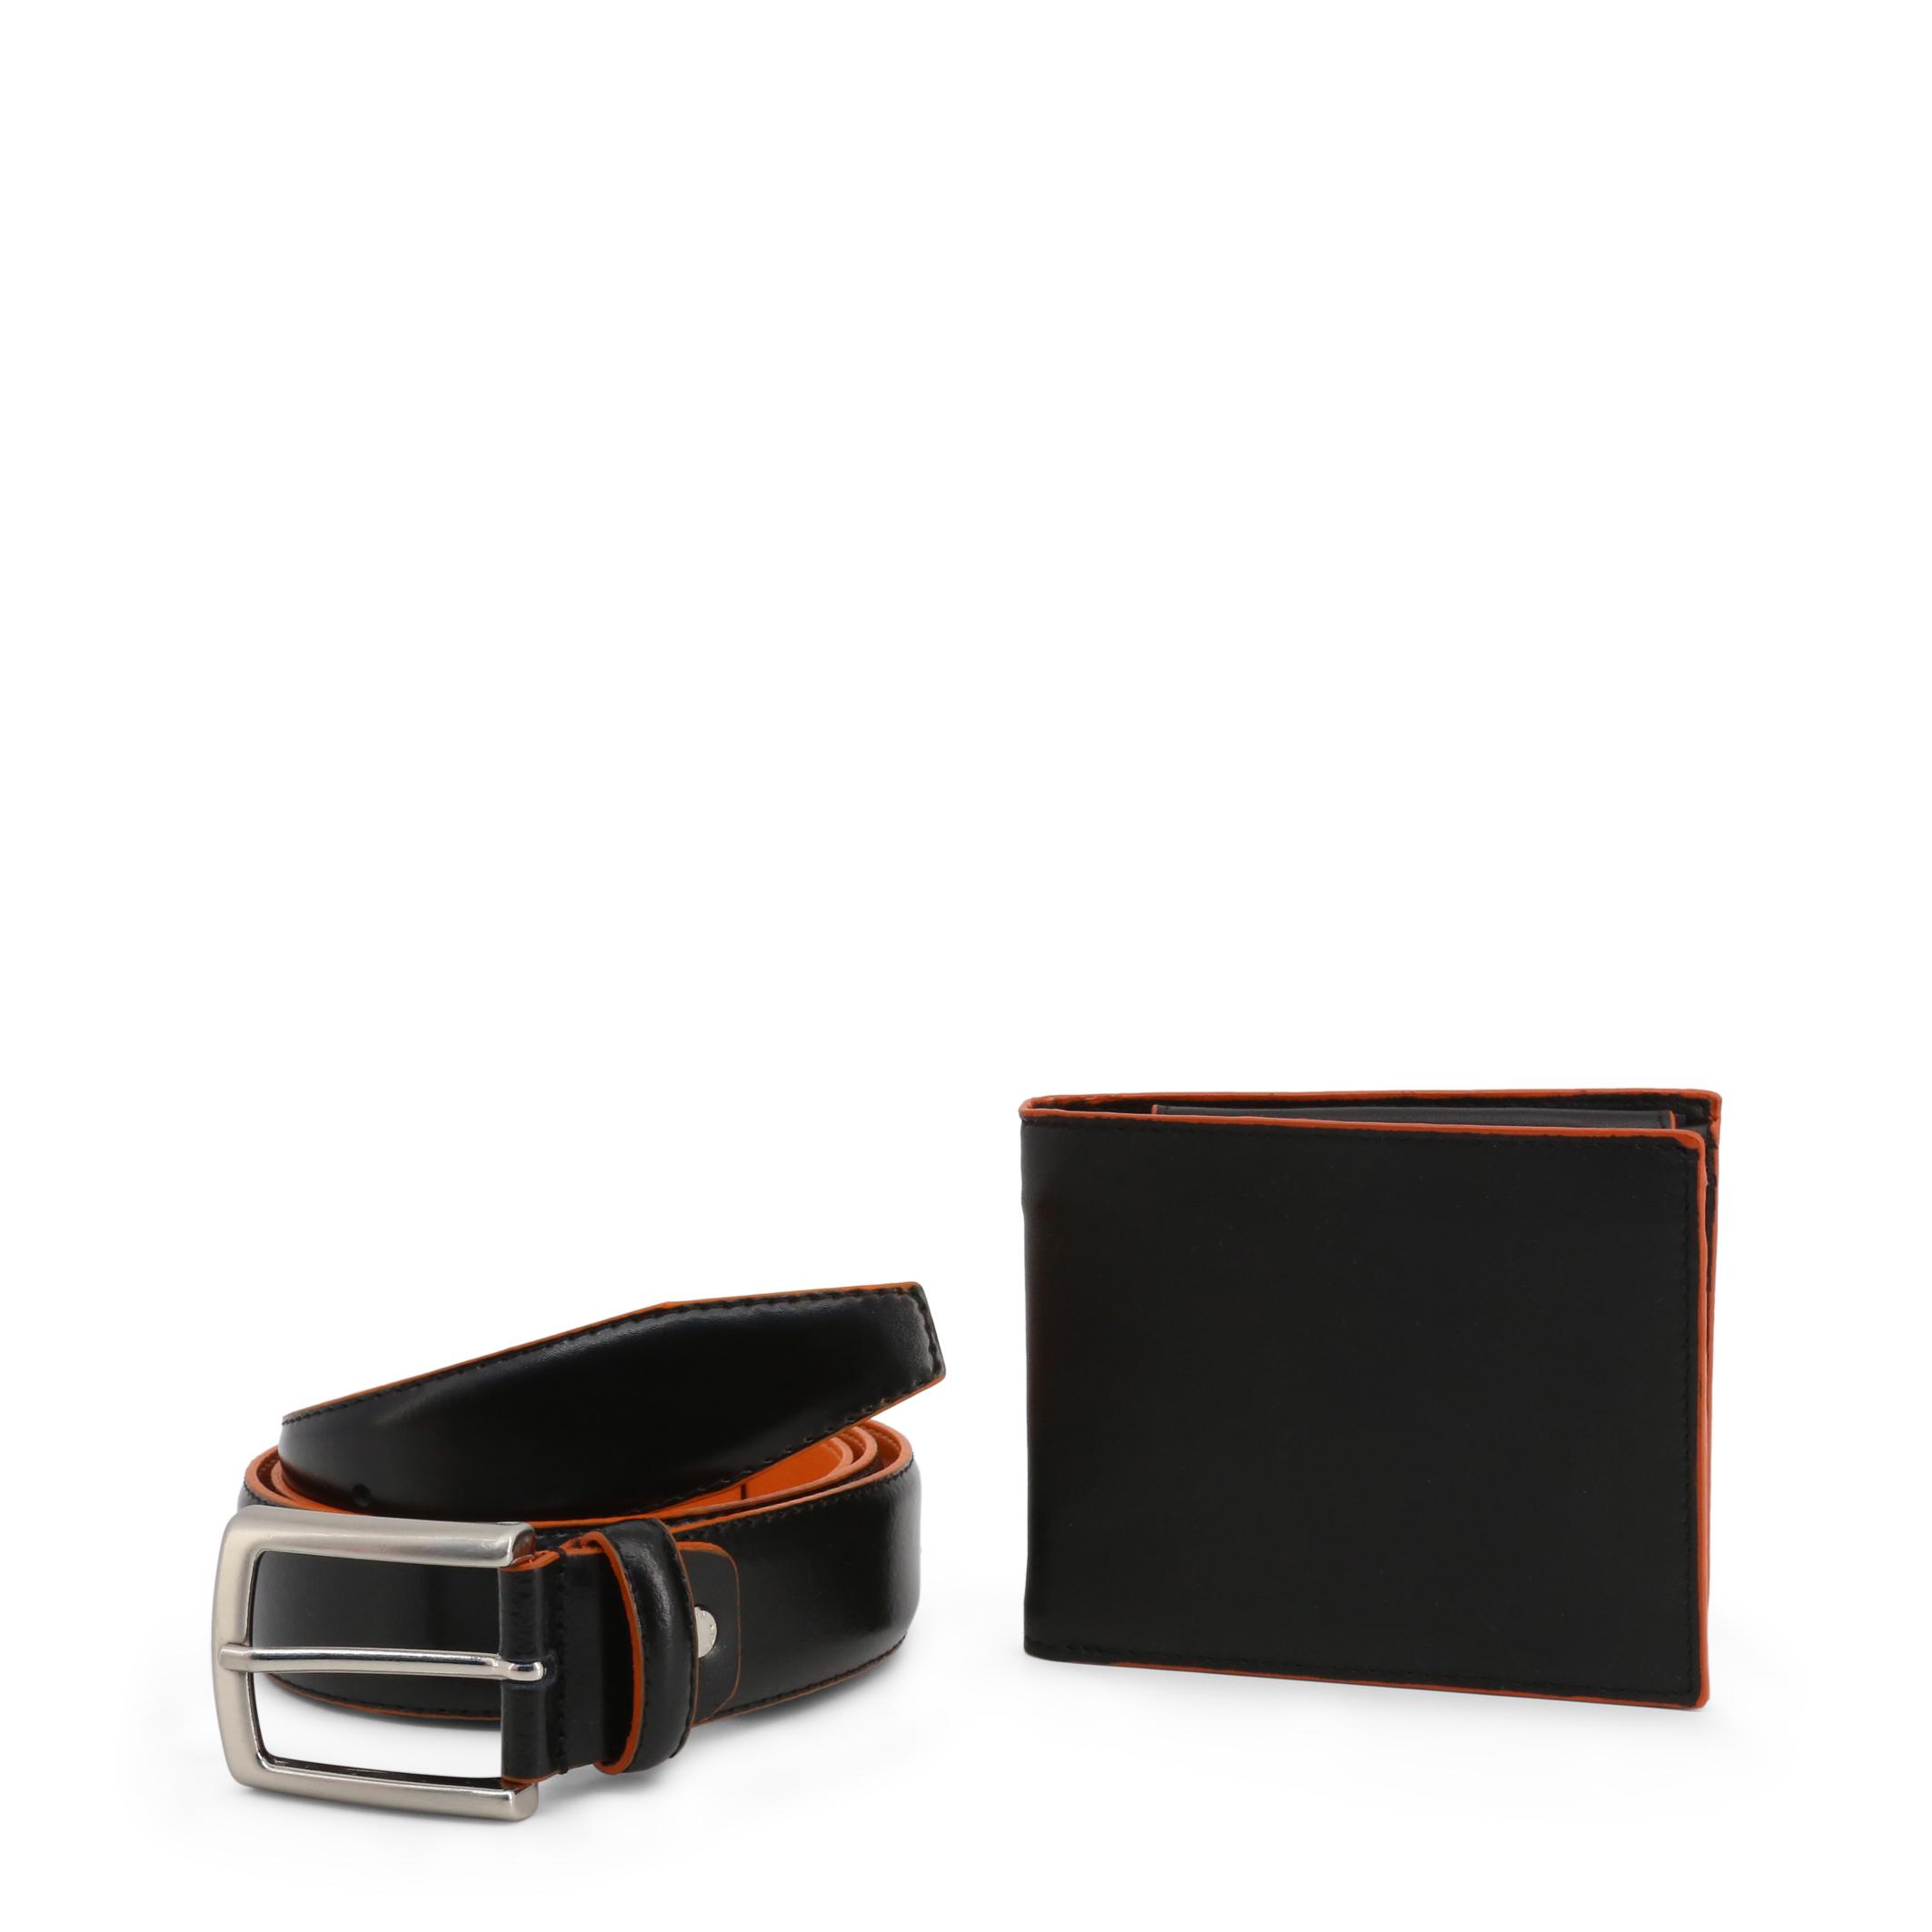 Ensemble ceinture portefeuille homme noir orange